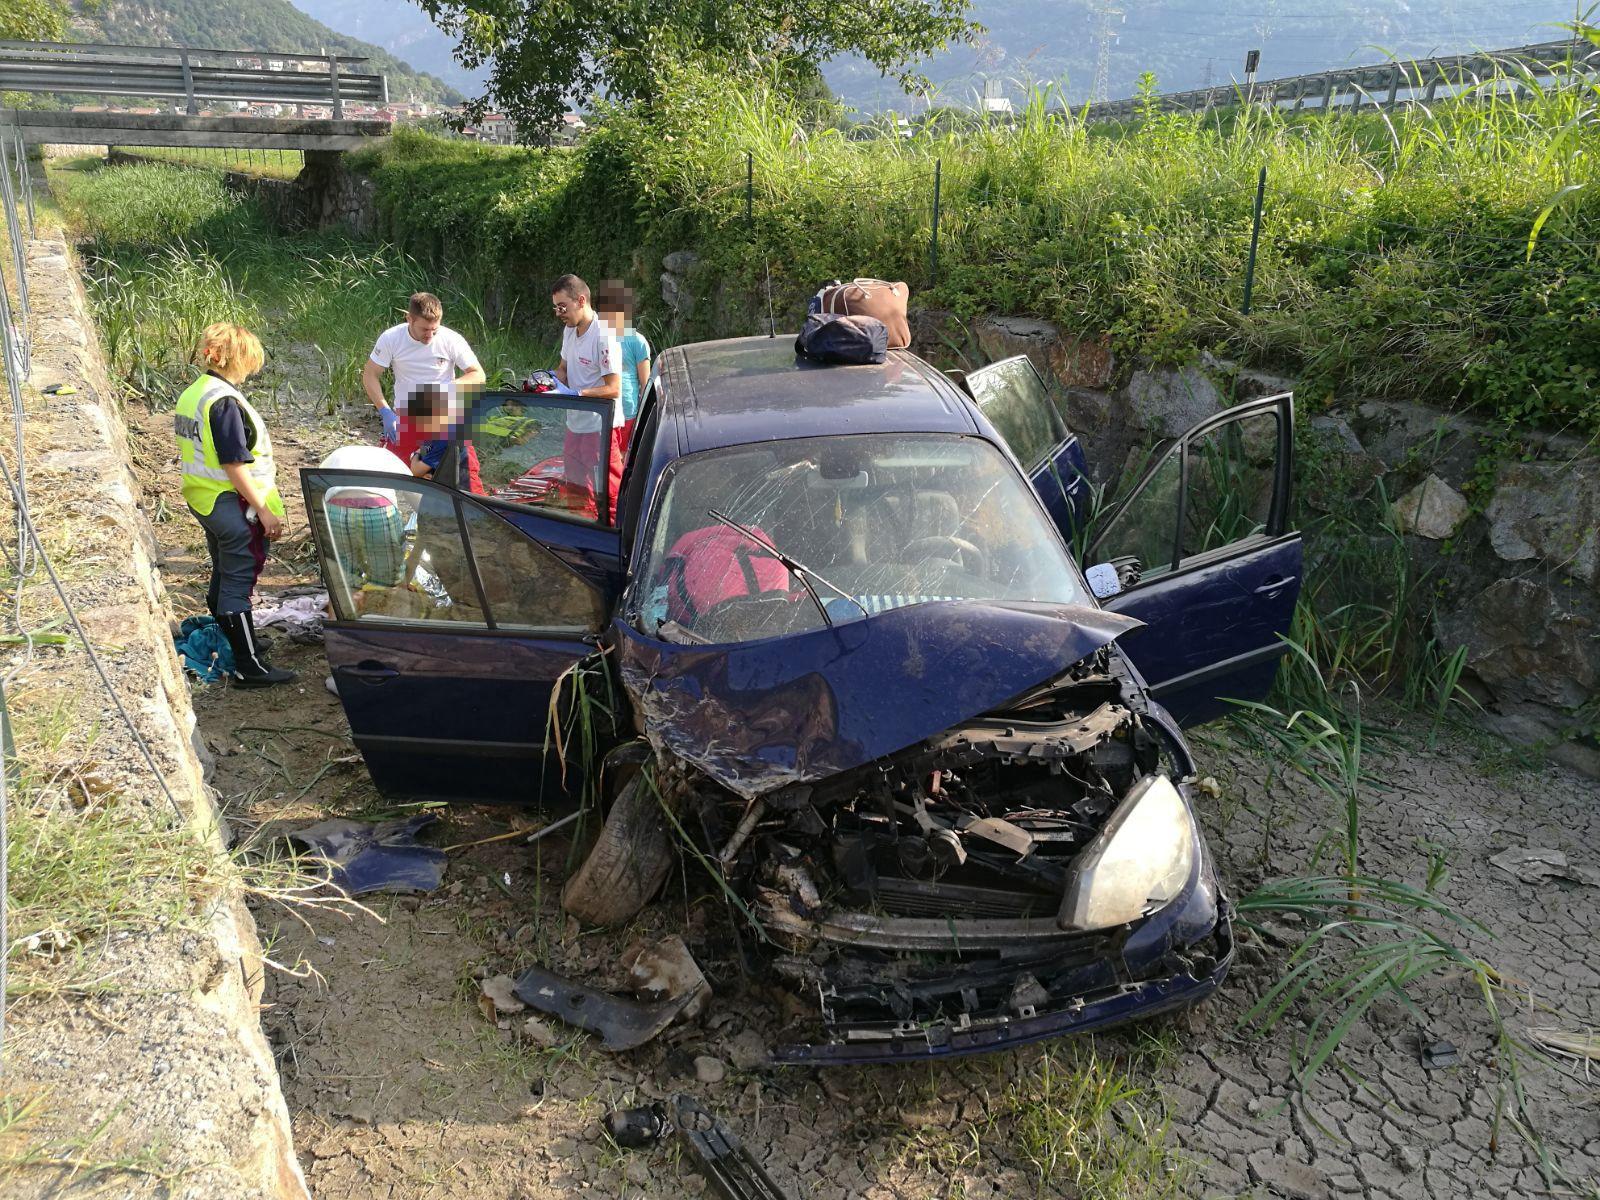 AUTOSTRADA A5 - Quattro bambini coinvolti nell'incidente stradale tra Quincinetto e Ivrea. Grave la mamma - FOTO